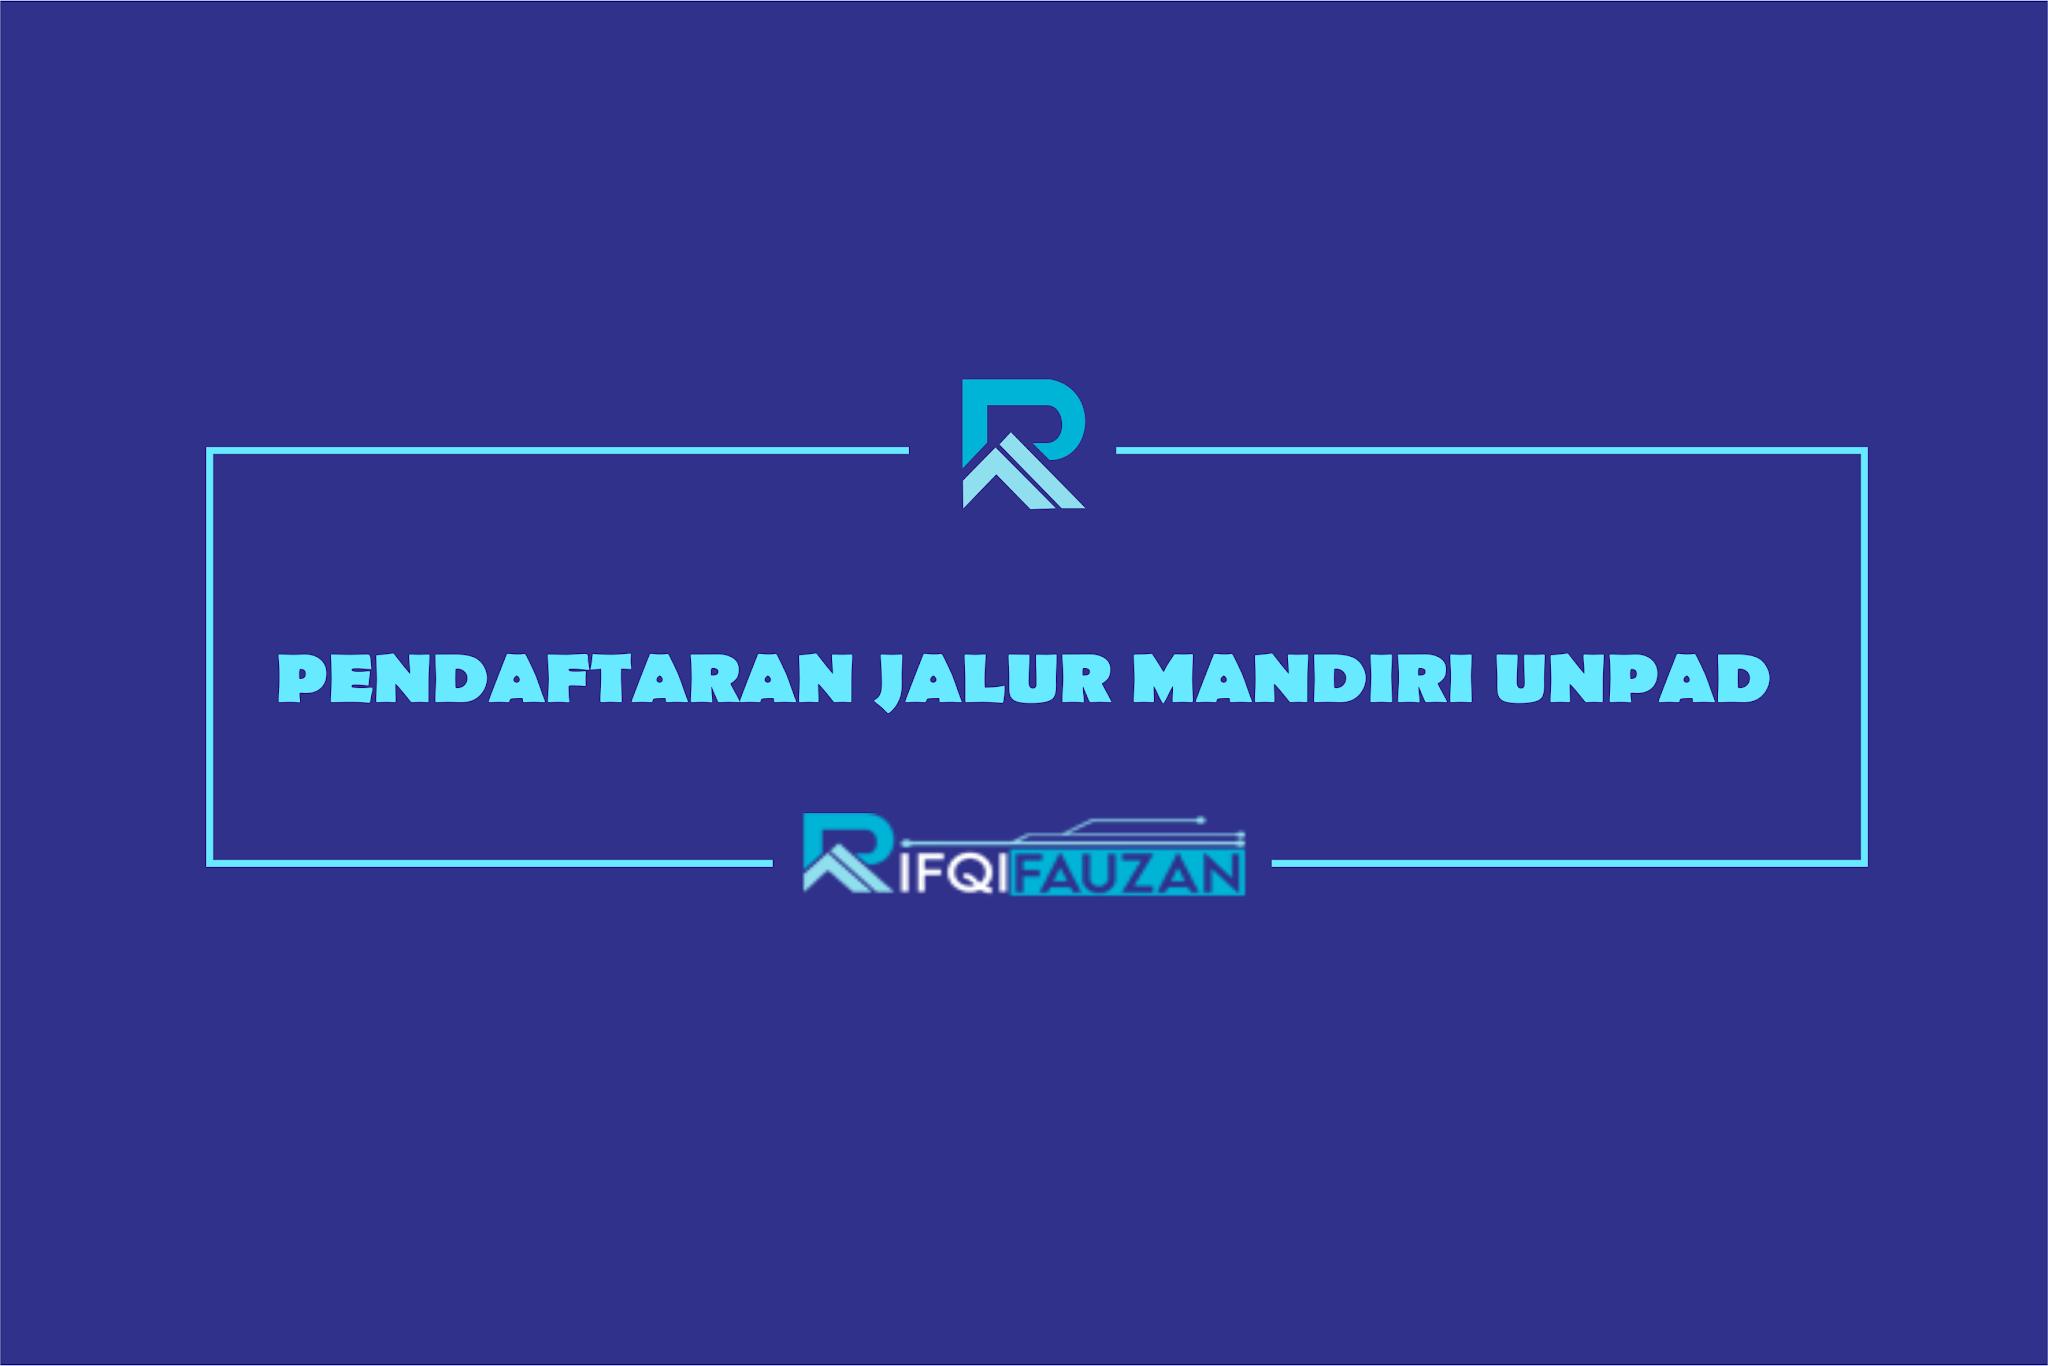 DAFTAR JALUR MANDIRI UNIVERSITAS PADJADJARAN 2020